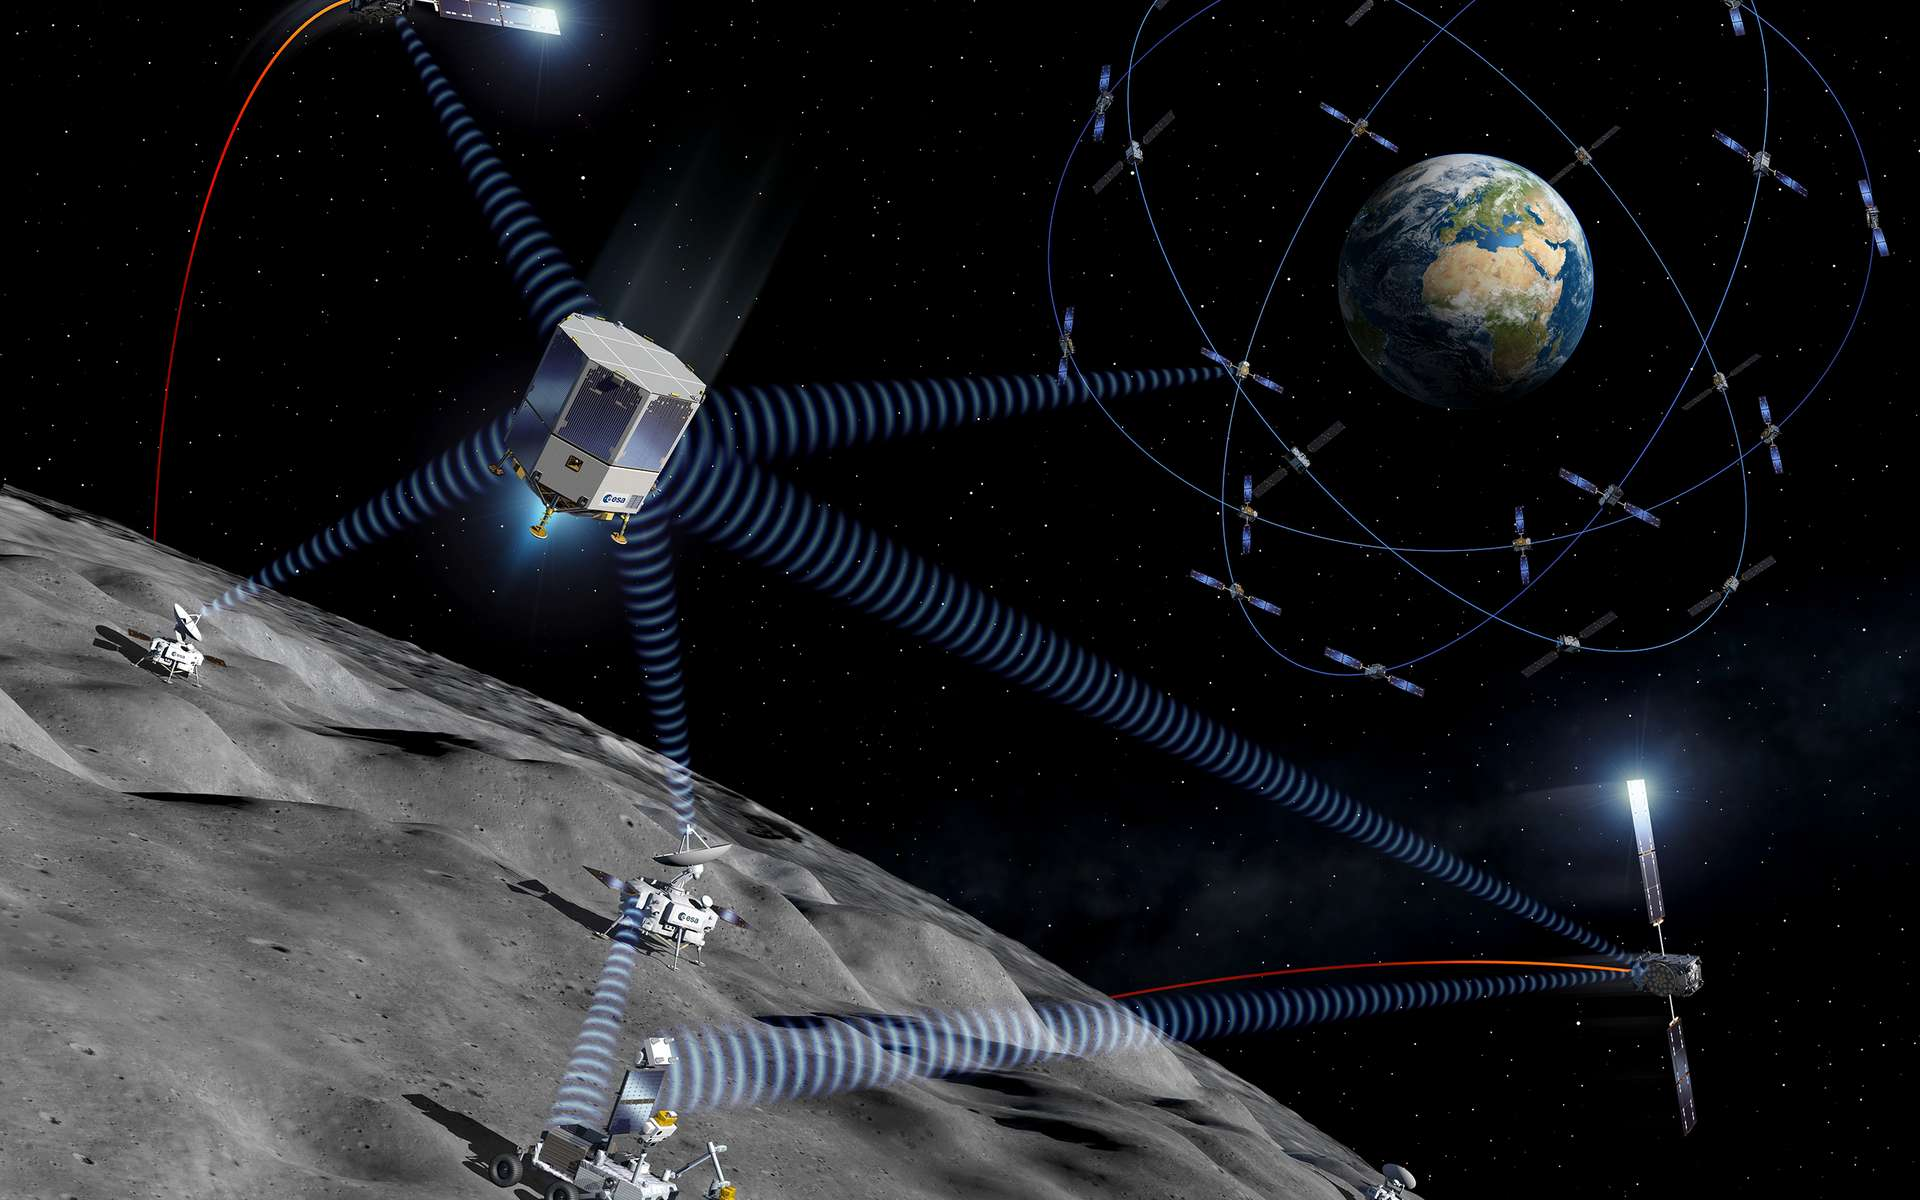 Moonlight, un projet de constellation de satellites lunaires commercialement viable pour fournir des services de télécommunications et de navigation pour les missions sur la Lune. © ESA, P. Carril